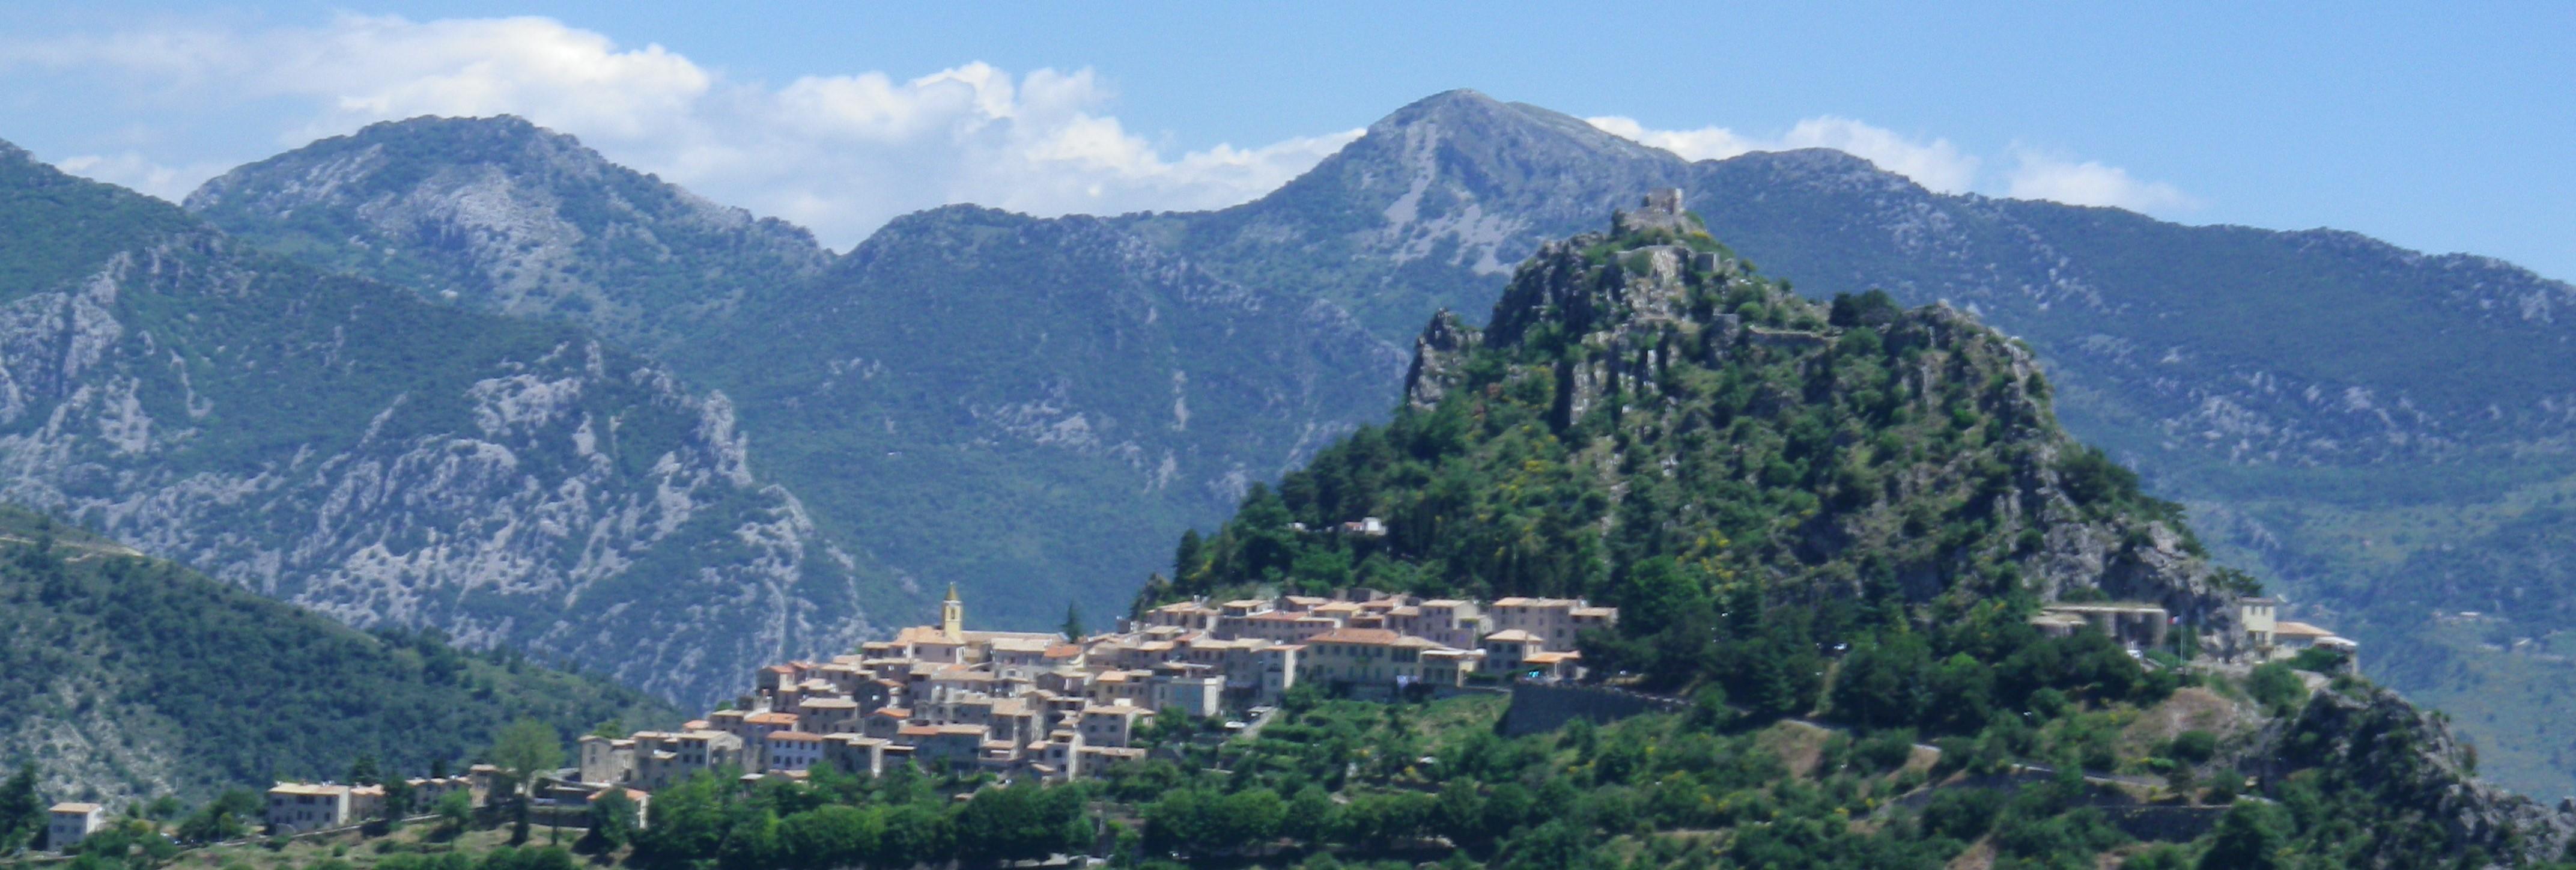 Le plus Haut Village Méditerranéen